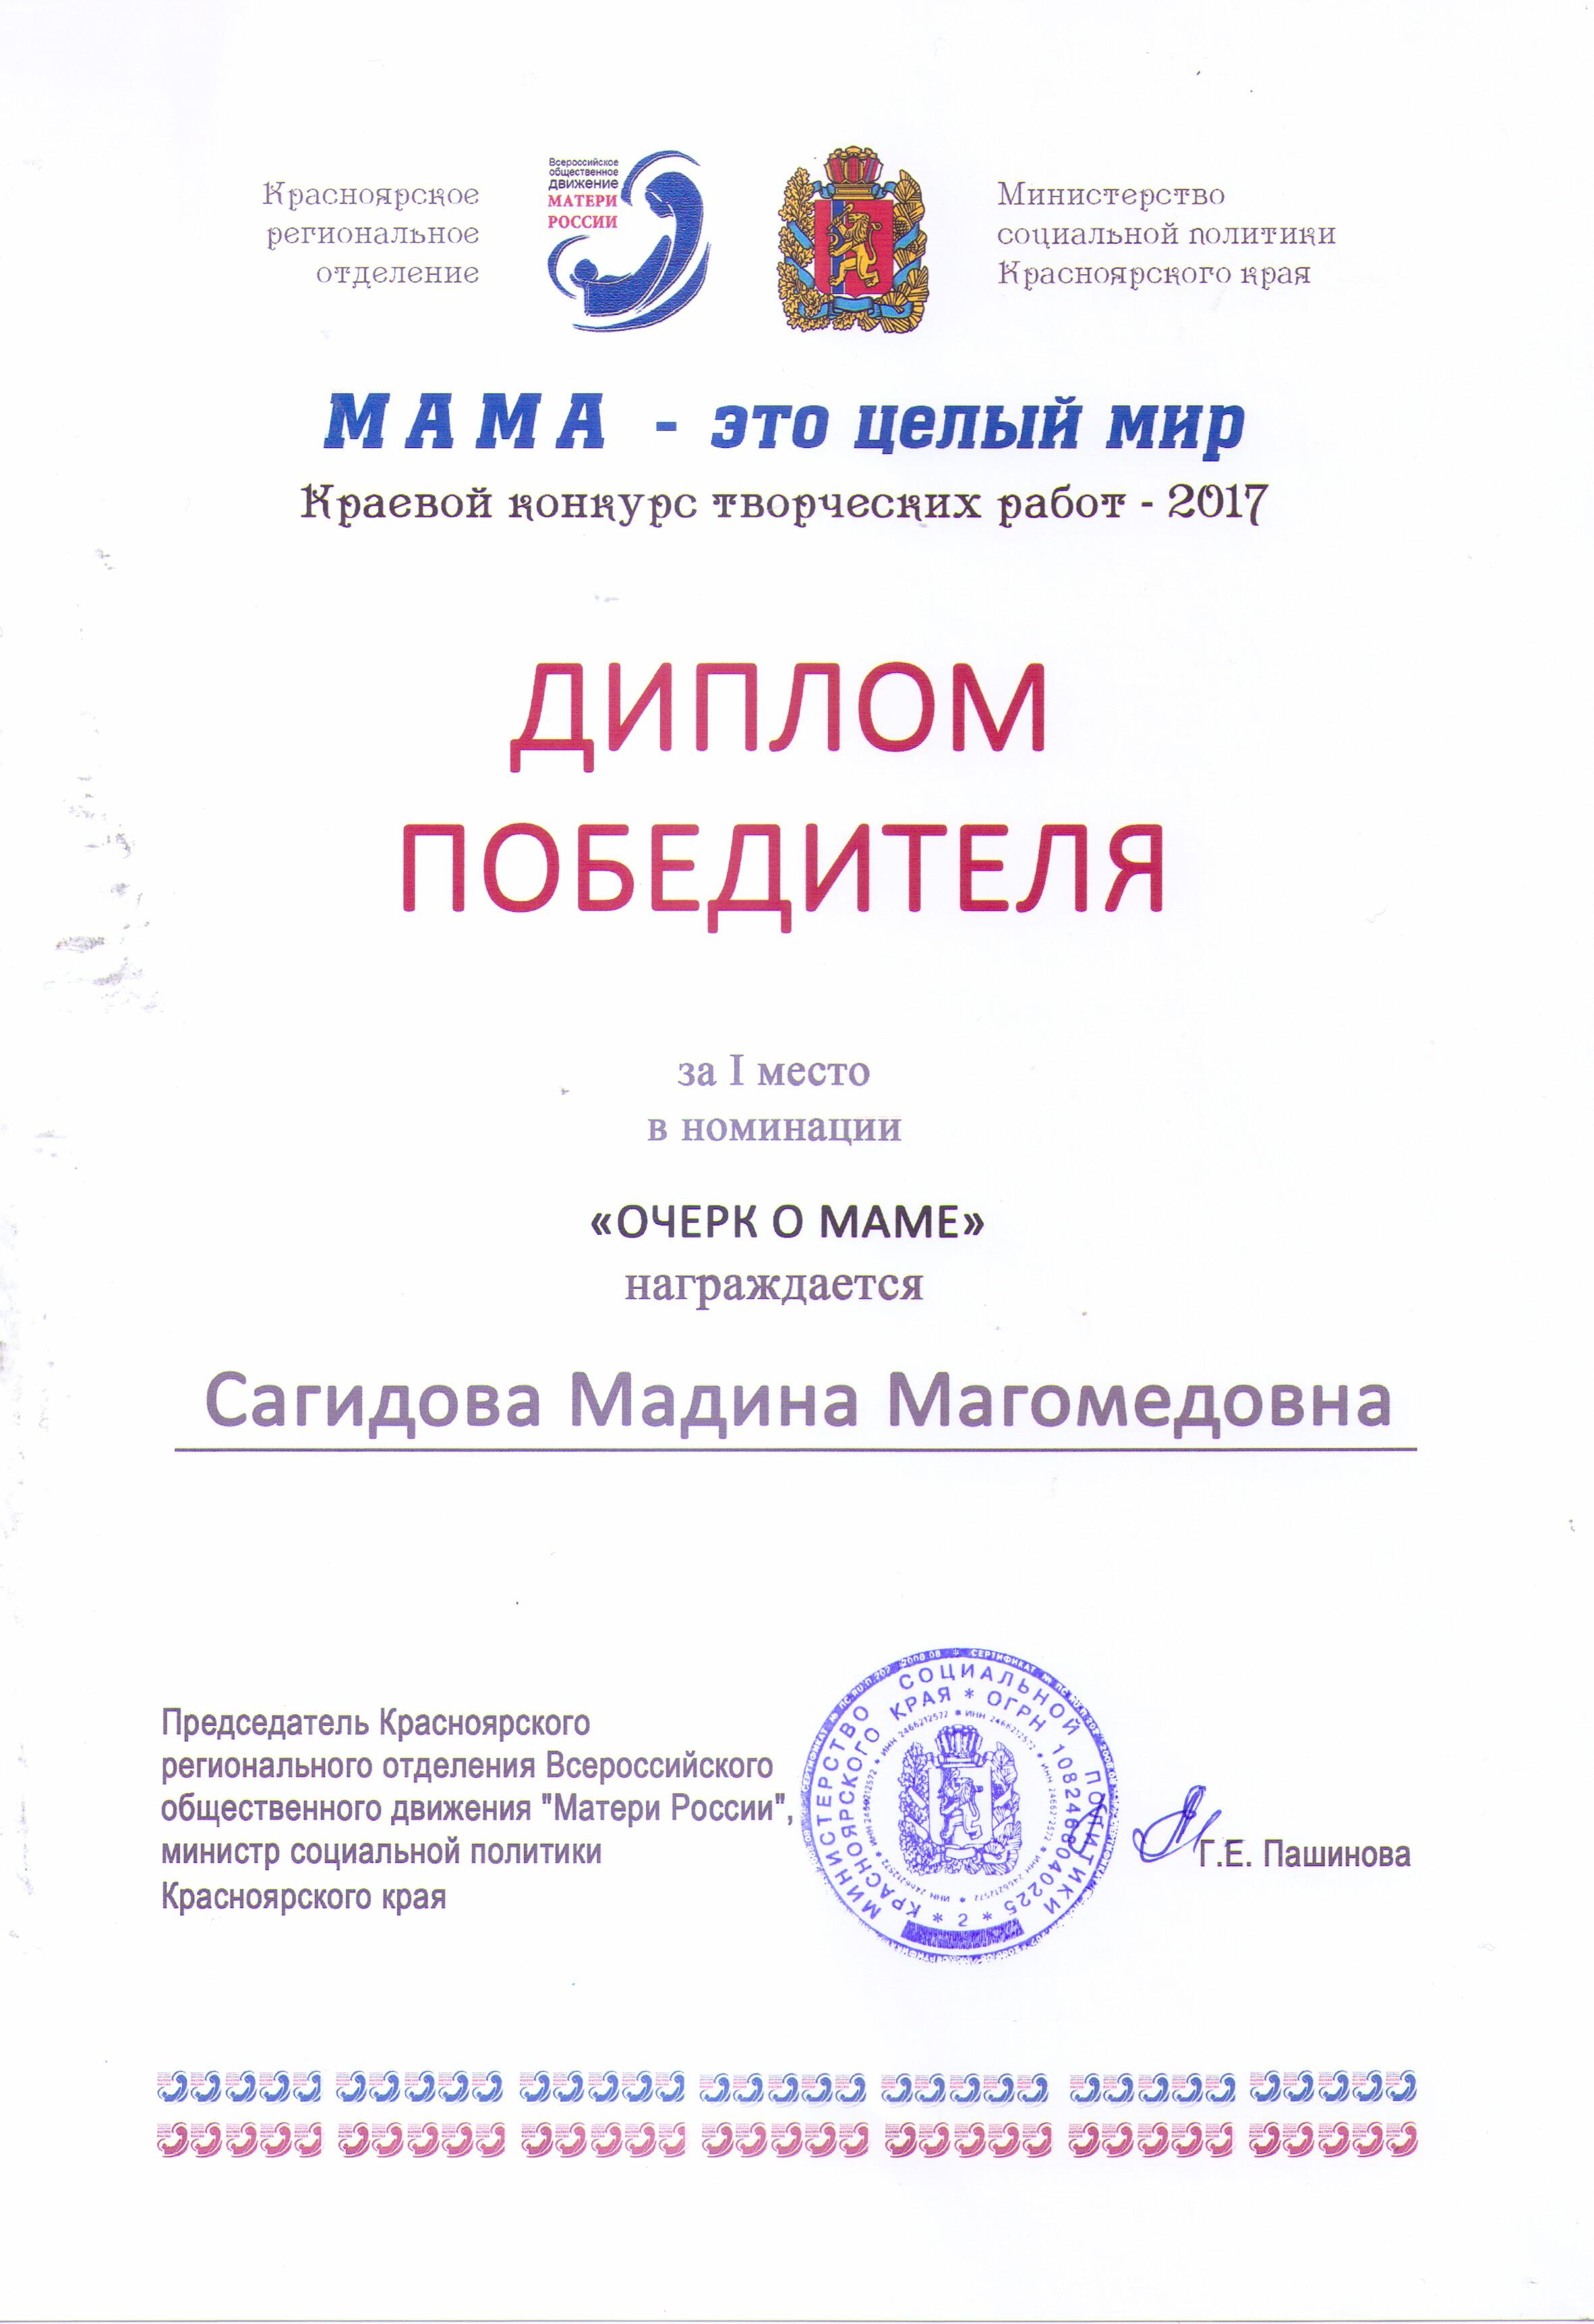 Сагидова М